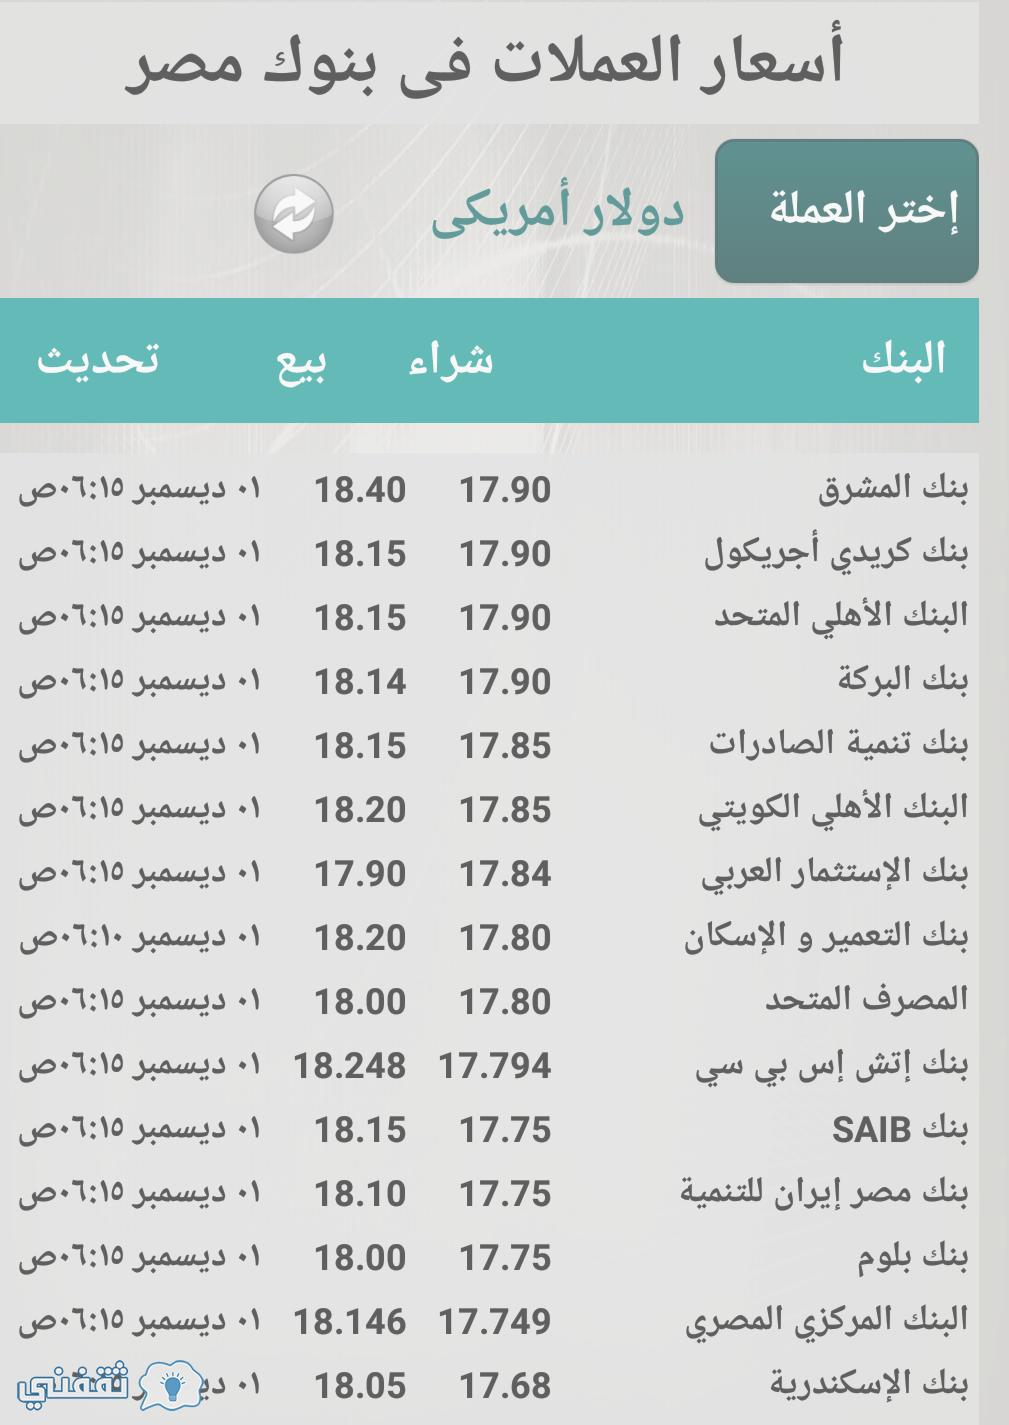 اسعار صرف الدولار لـ 27 بنك في مصر اليوم تحديث على مدار